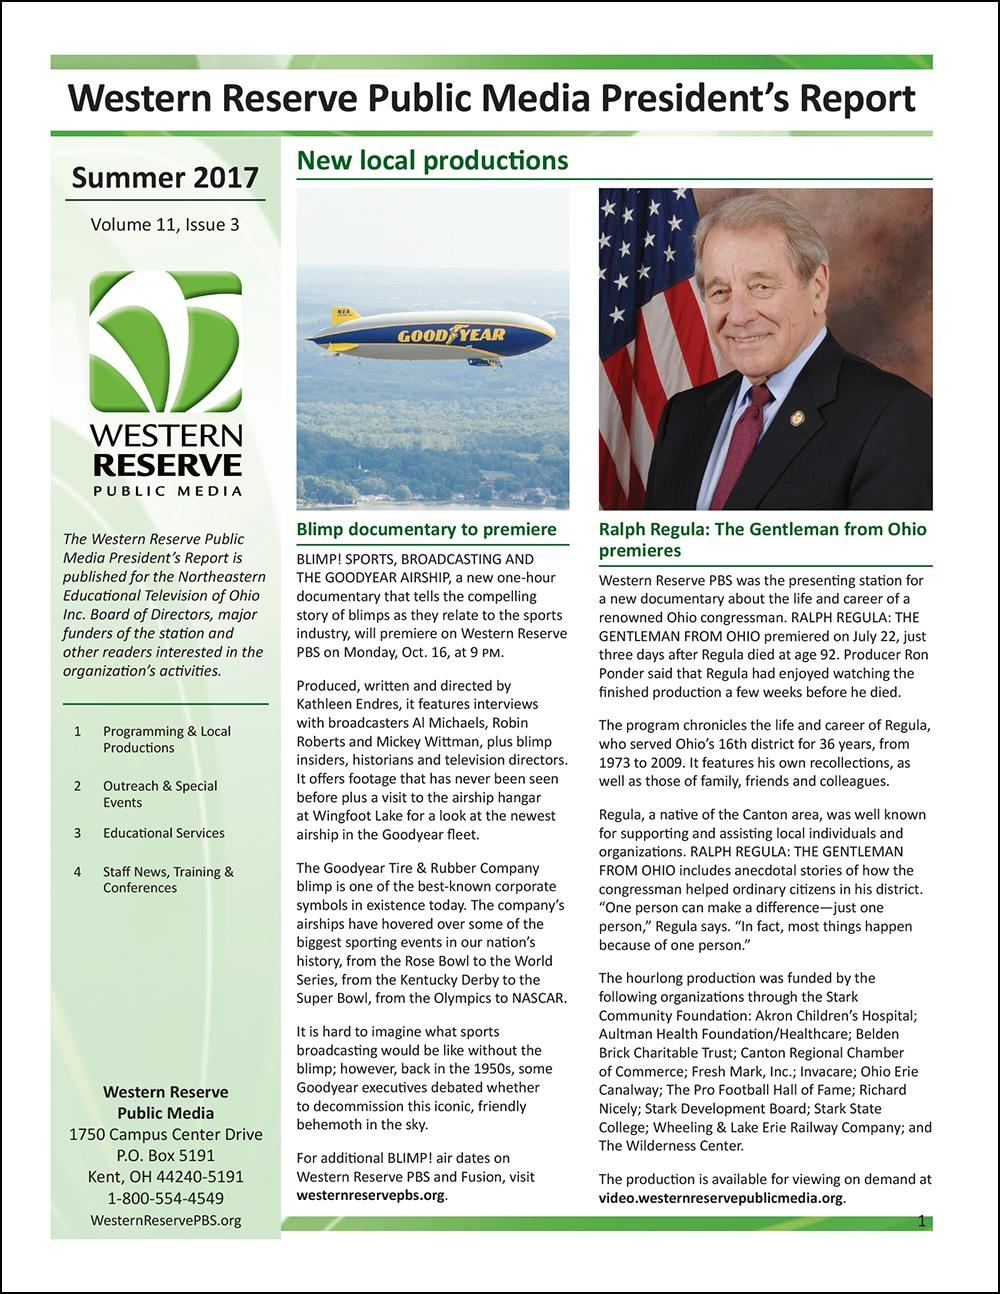 Summer 2017 - Volume 11, Issue 3